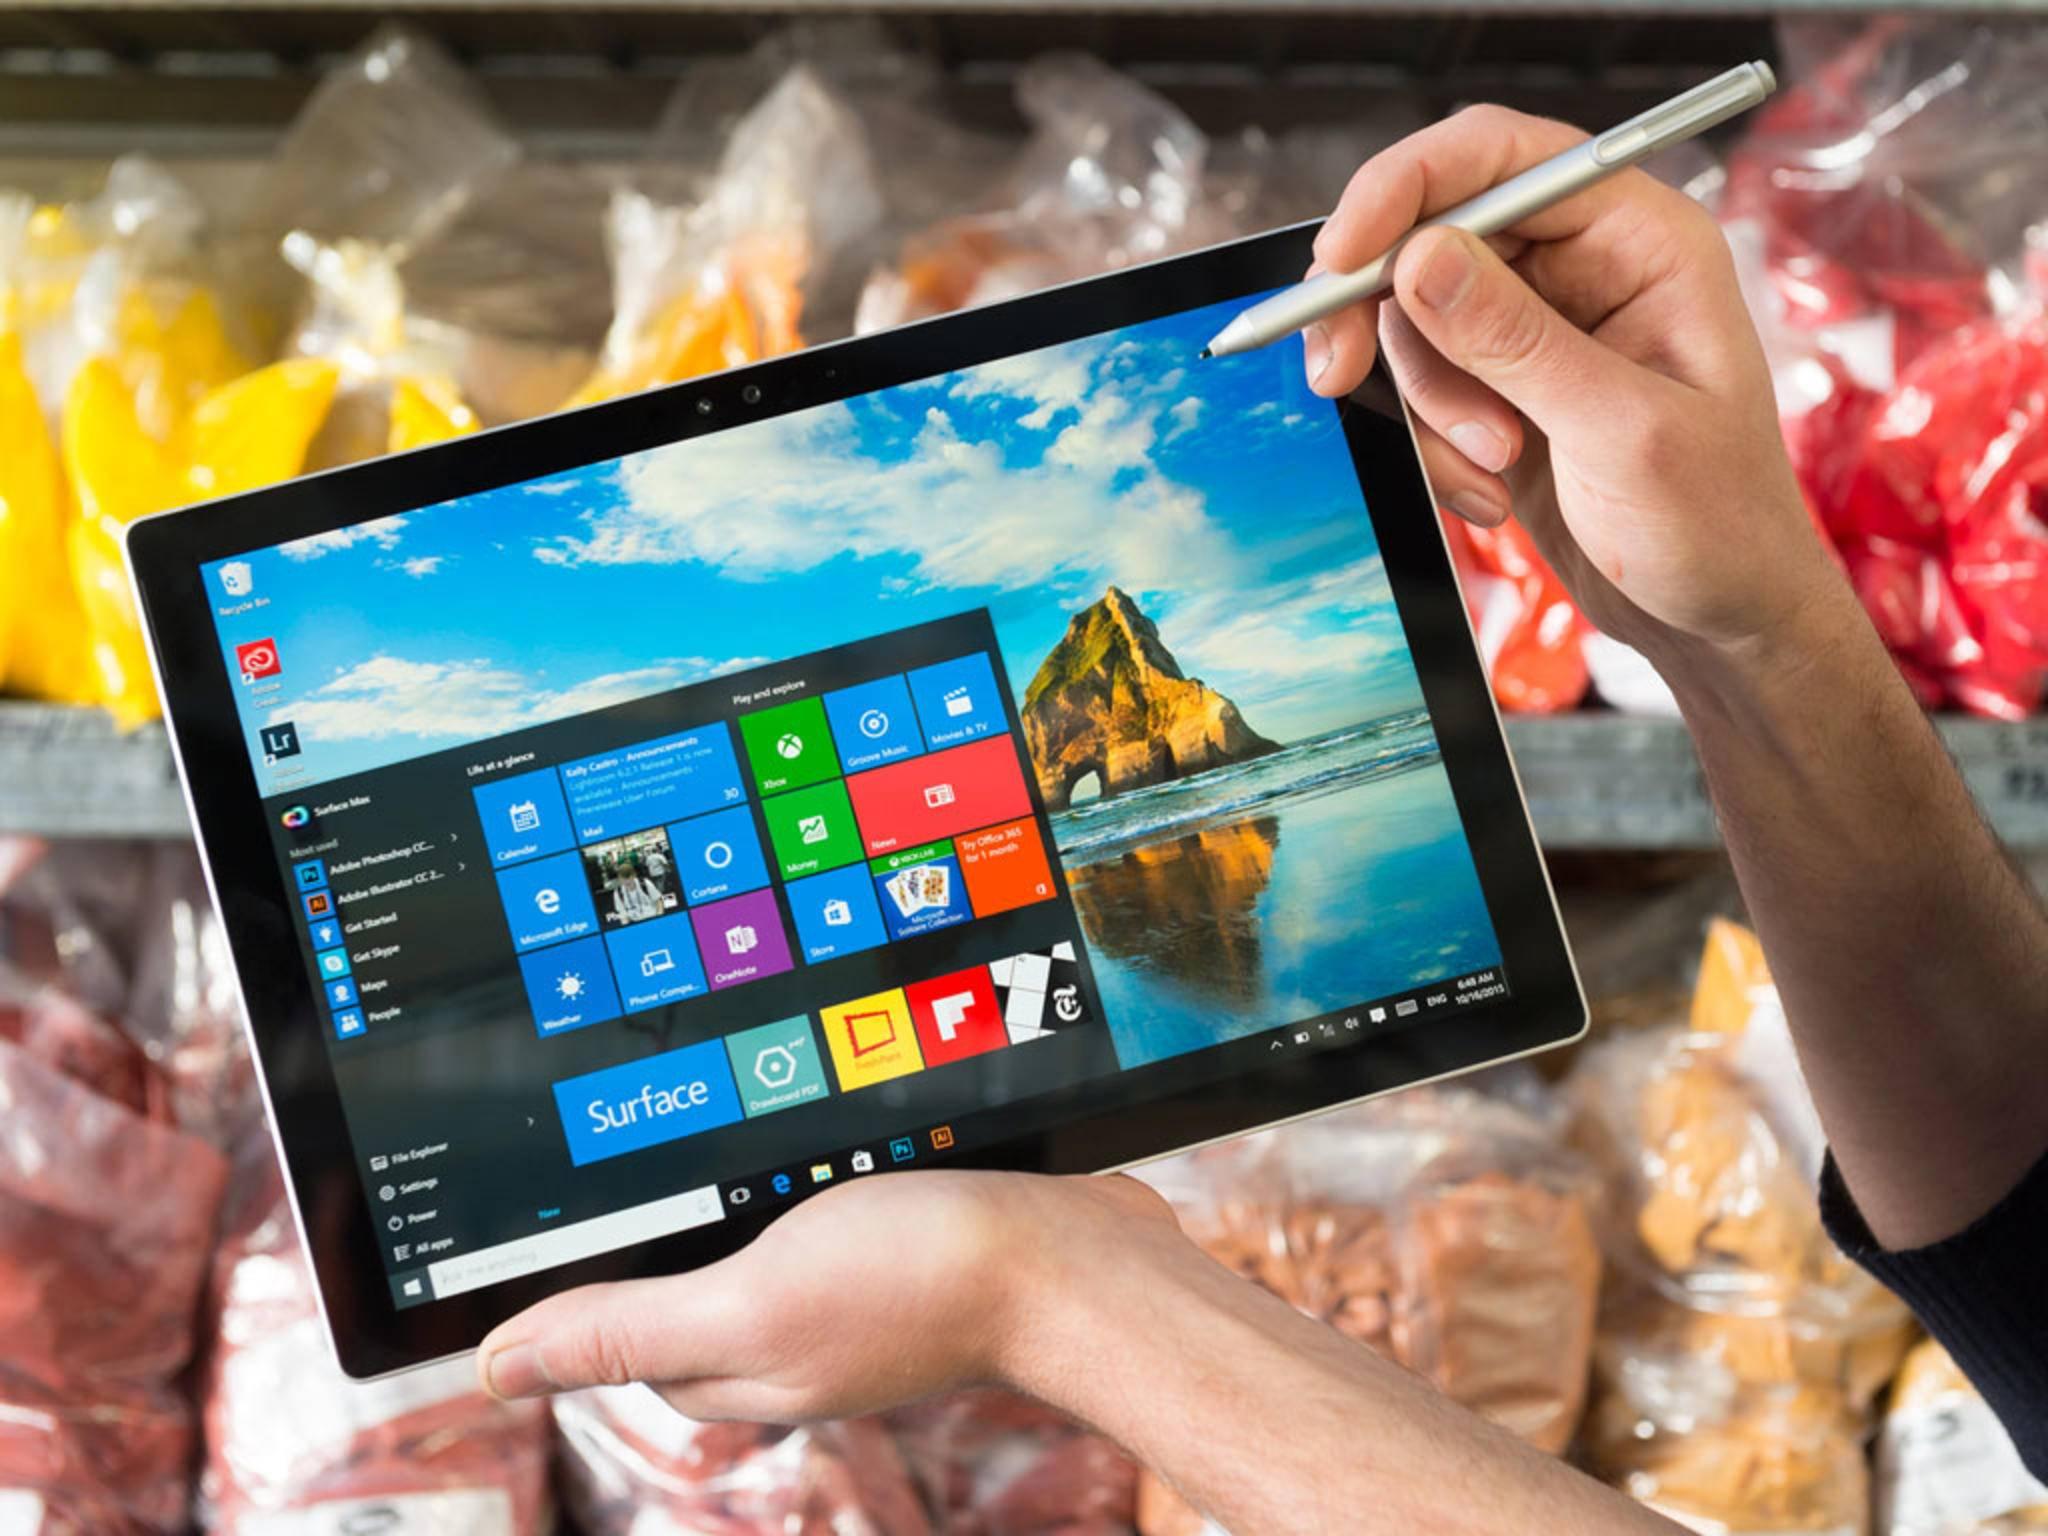 Das offizielle Refresh Tool von Microsoft soll Bloatware in Windows 10 entfernen.